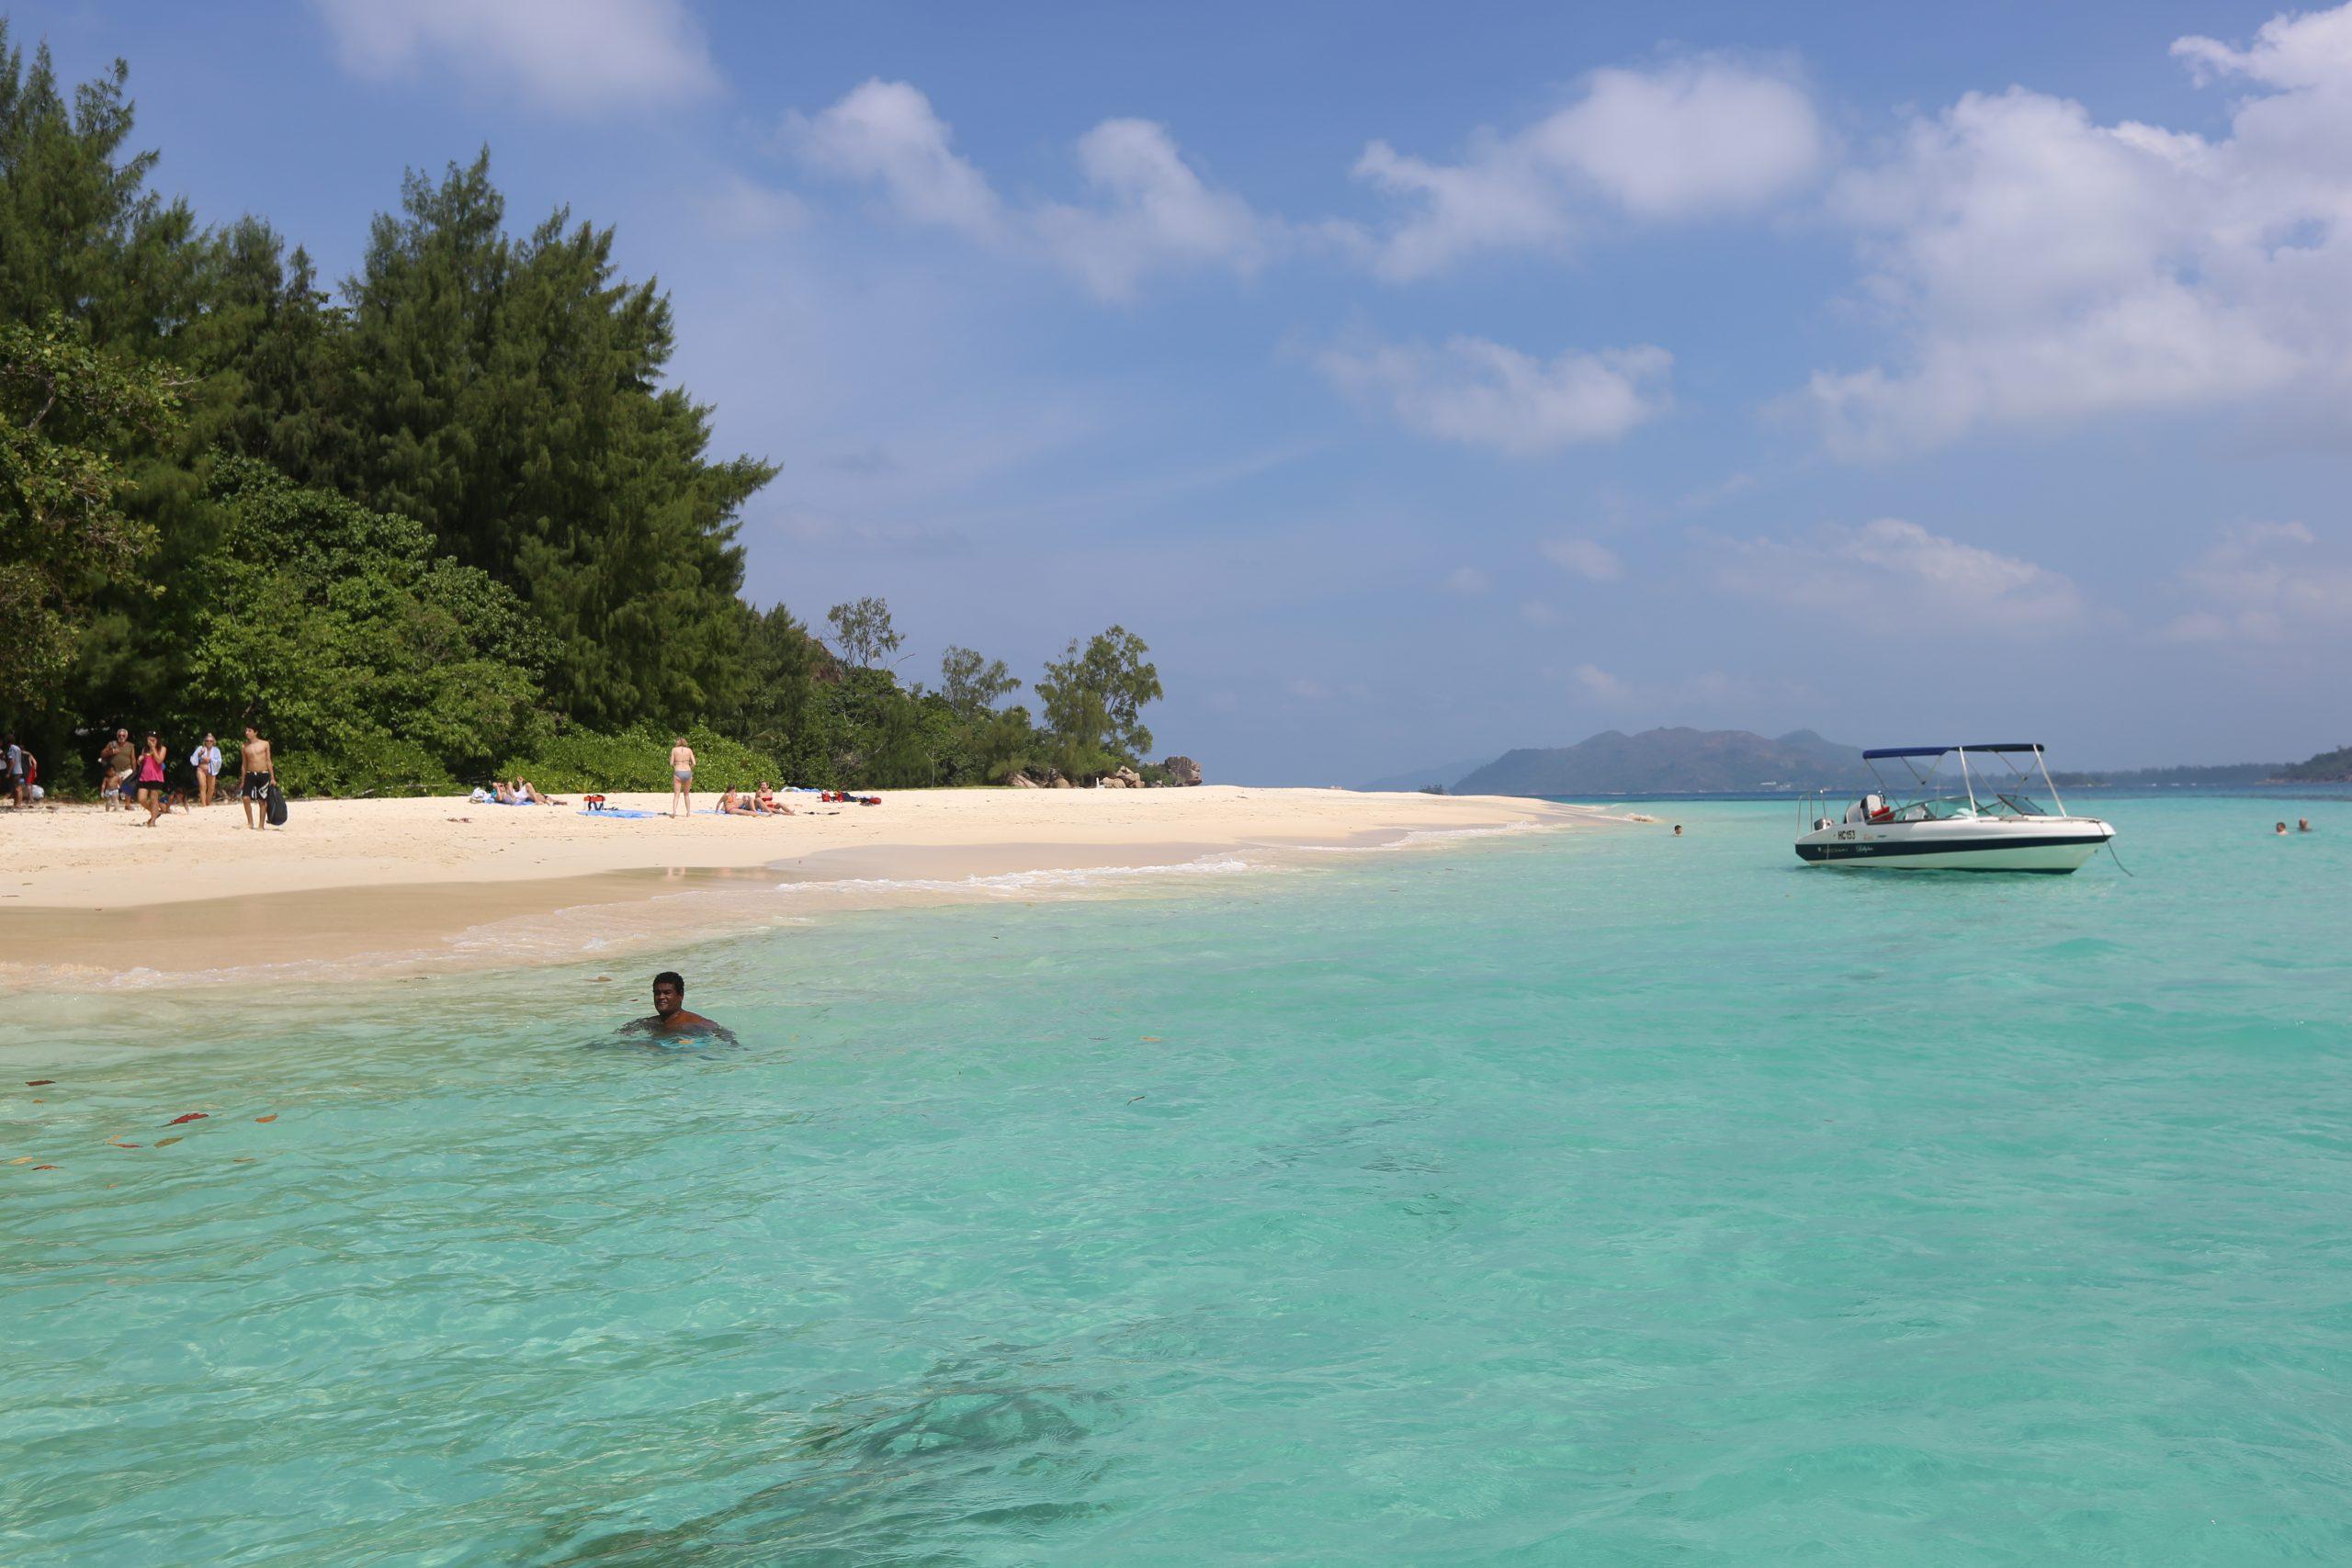 Seychellerne i Det Indiske Ocean er et af de lande der i forhold til indbyggertallet bruger rigtig meget på at promovere sig som rejsemål. Over 20 procent af landets samlede indtægter kommer fra netop turisme. Arkivfoto: BellaVista.dk